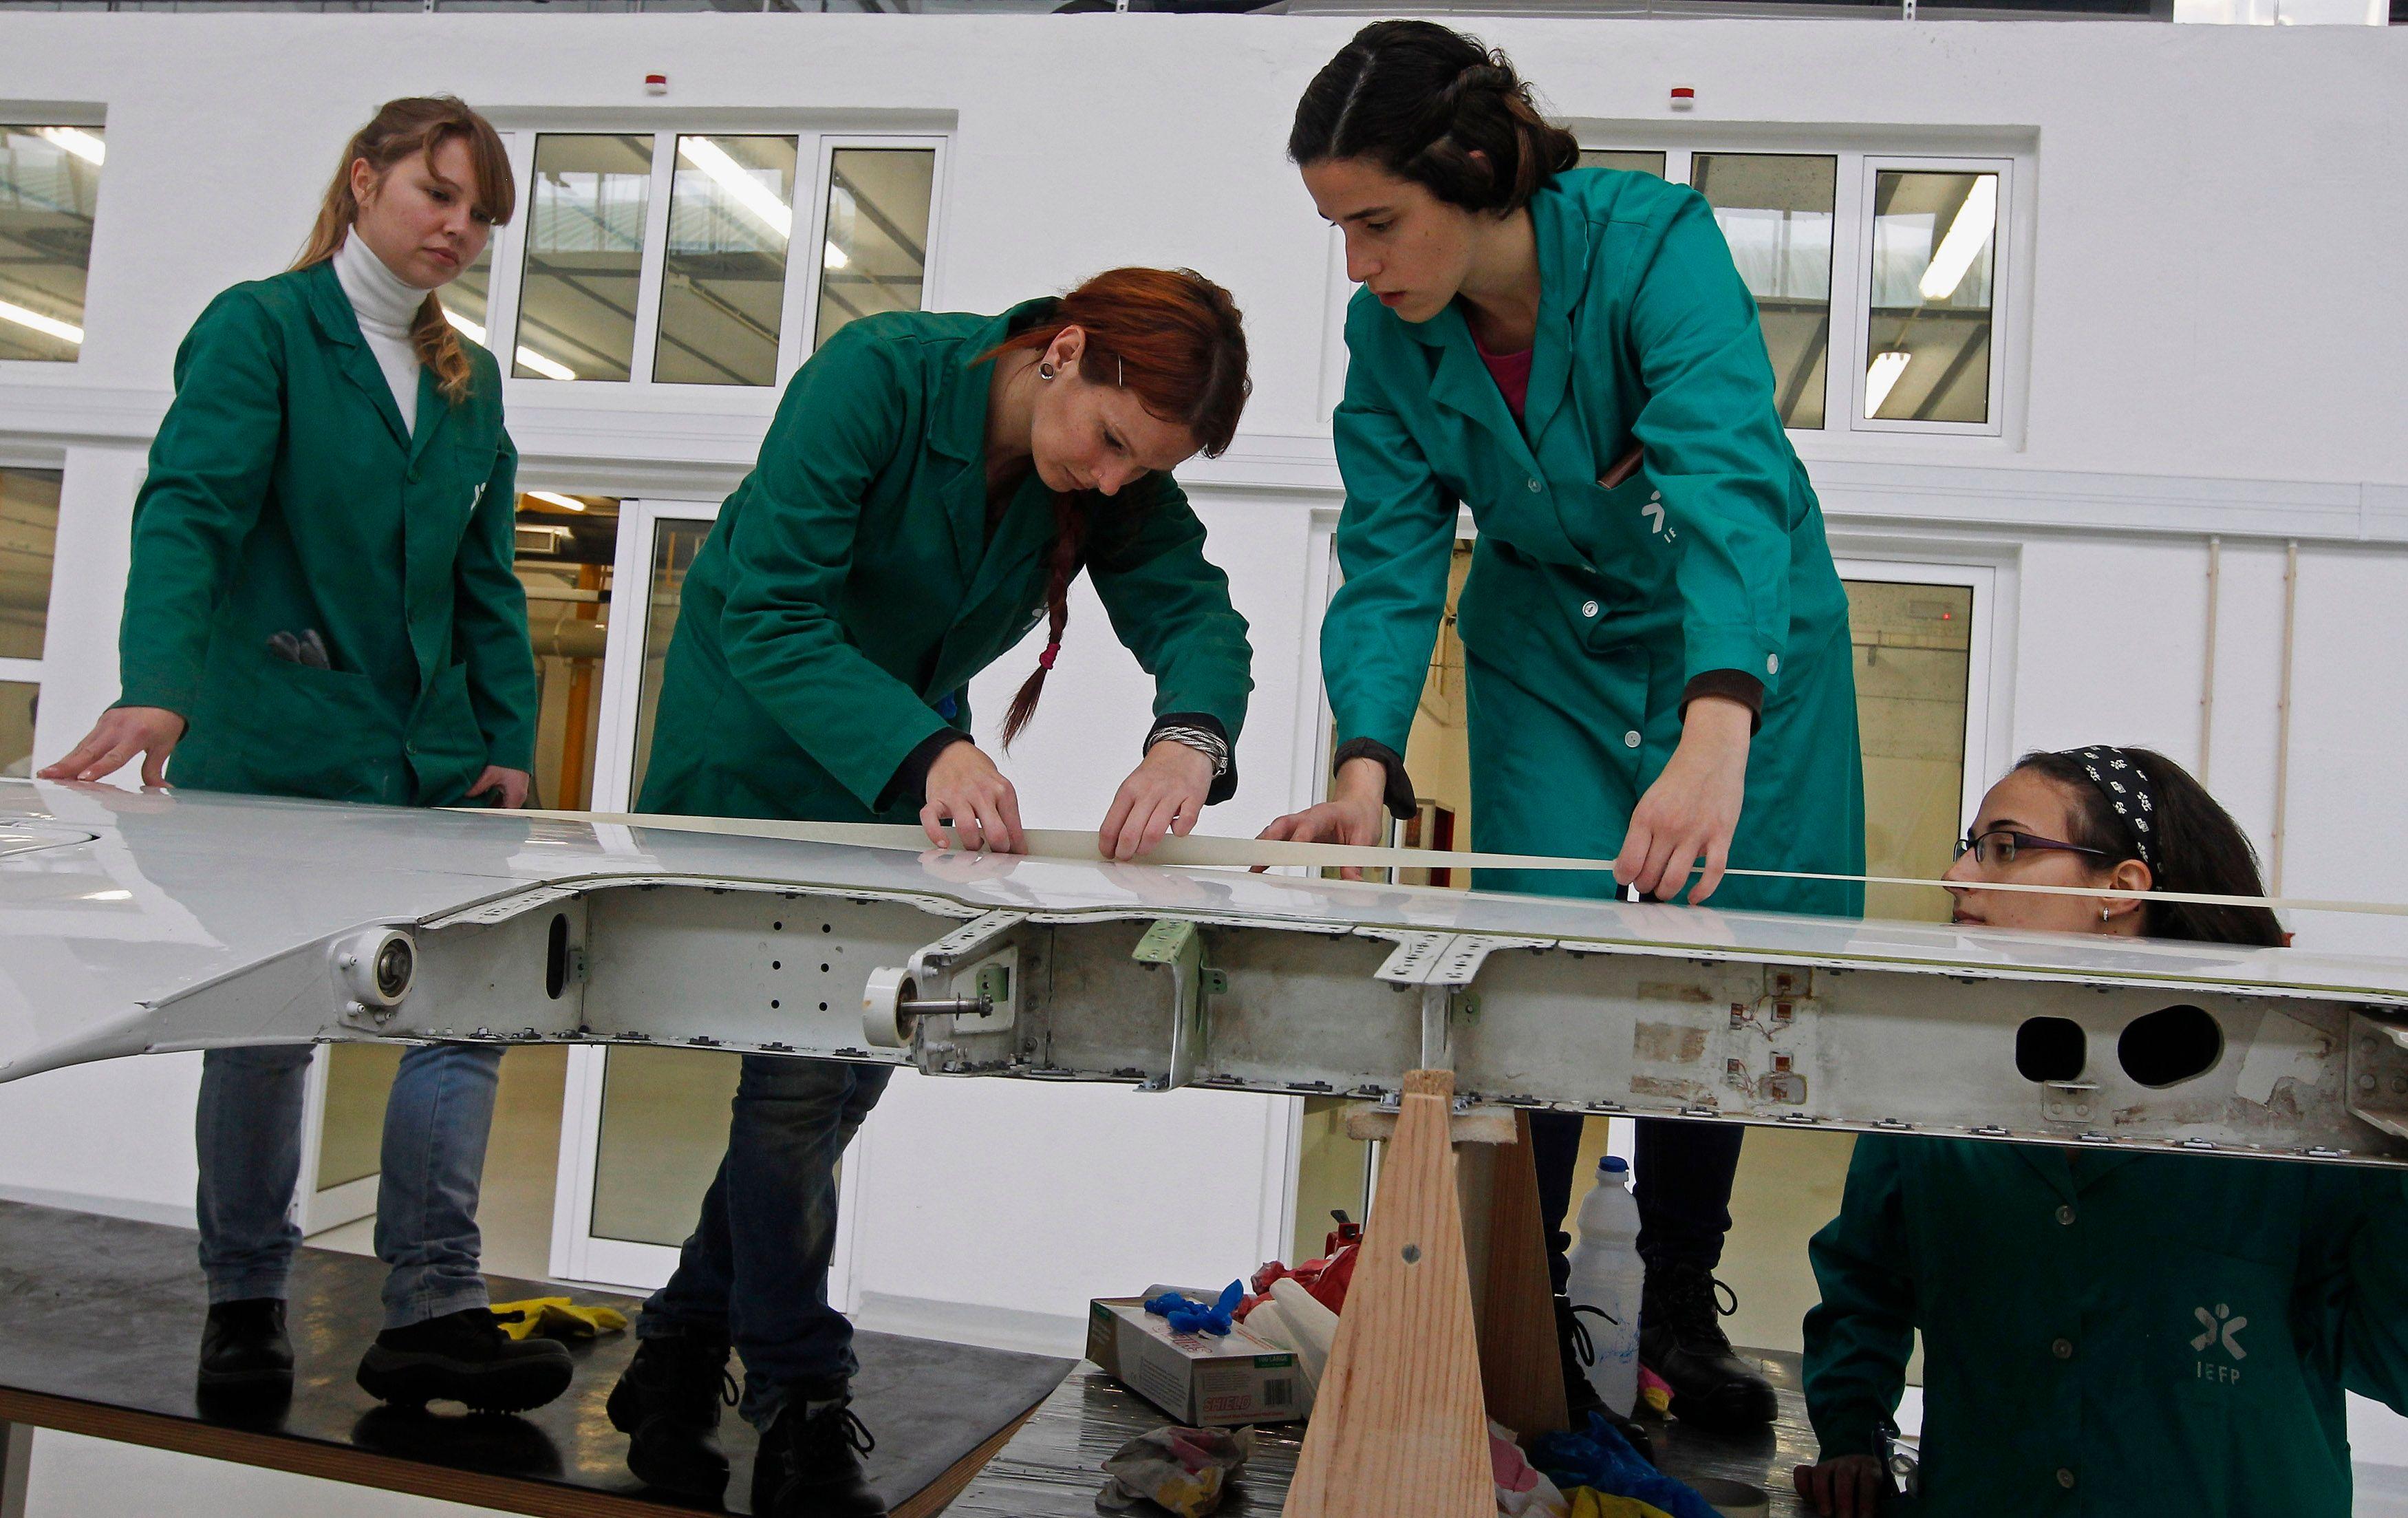 Le projet de loi sur la formation professionnelle est débattu à l'Assemblée nationale.